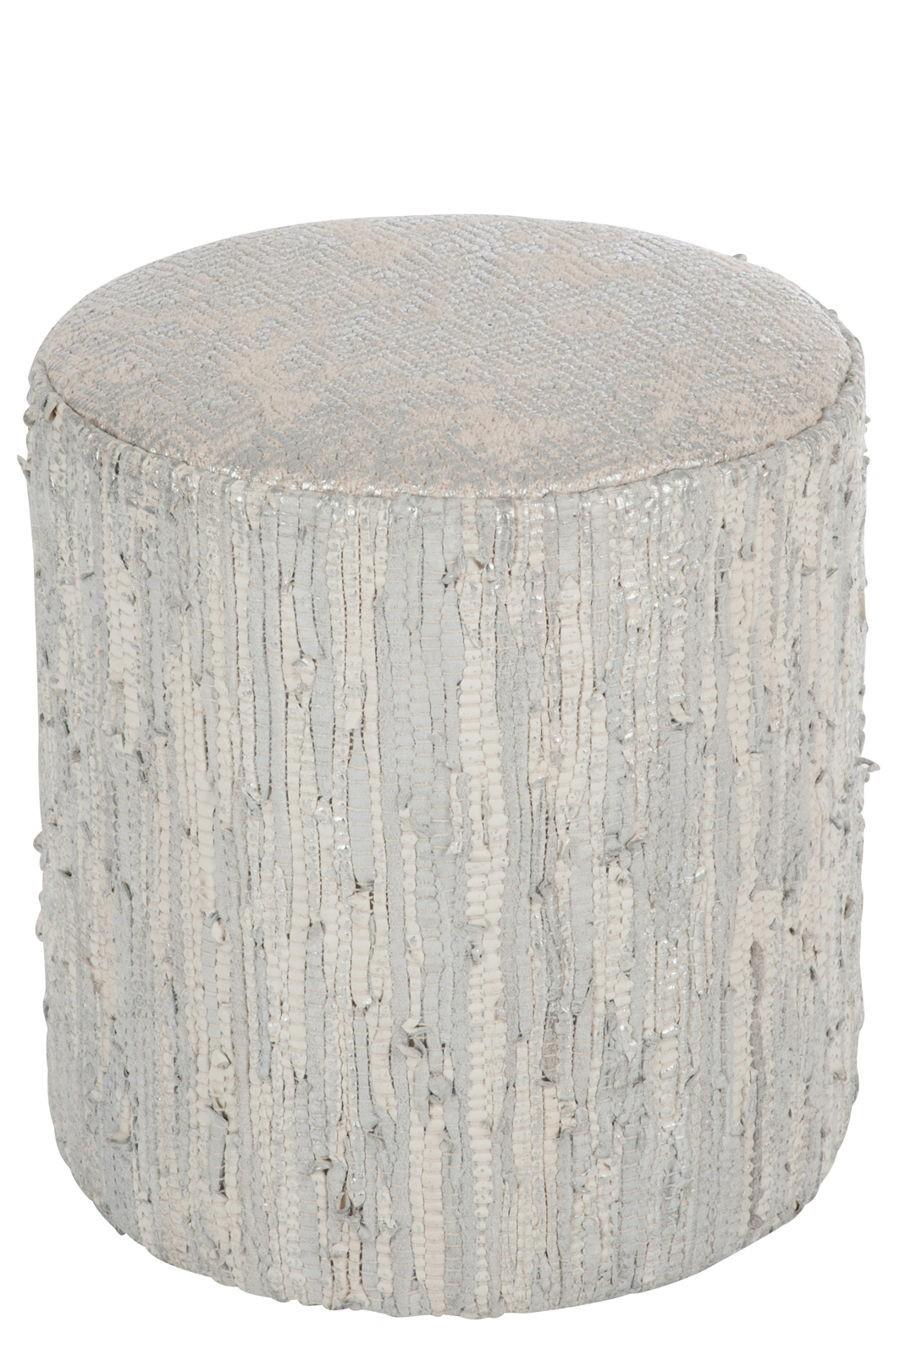 pouf brillant cuir argent/gris 40x40x43cm J-Line by Jolipa 24975